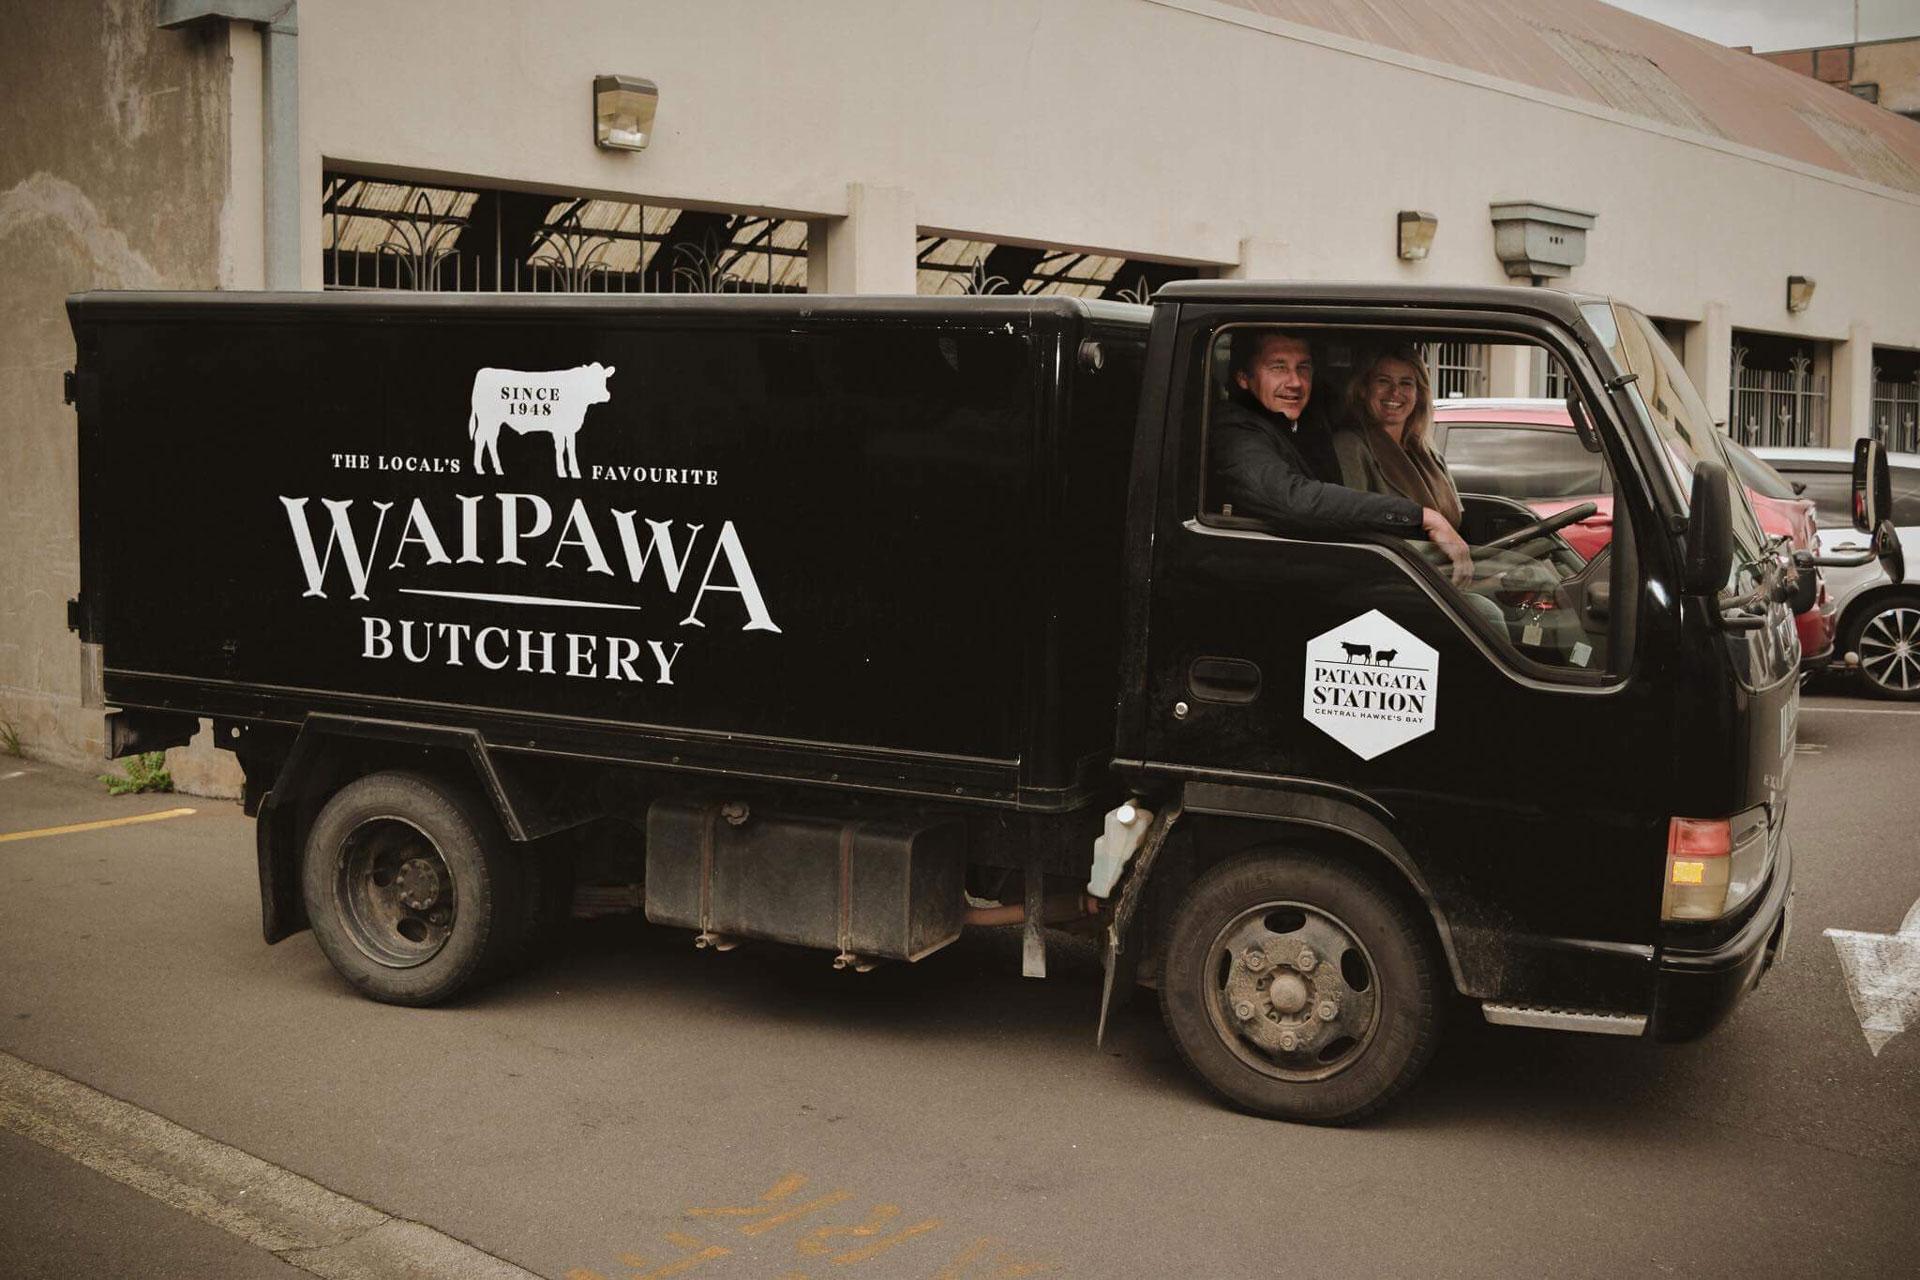 waipawa butchery delivery truck